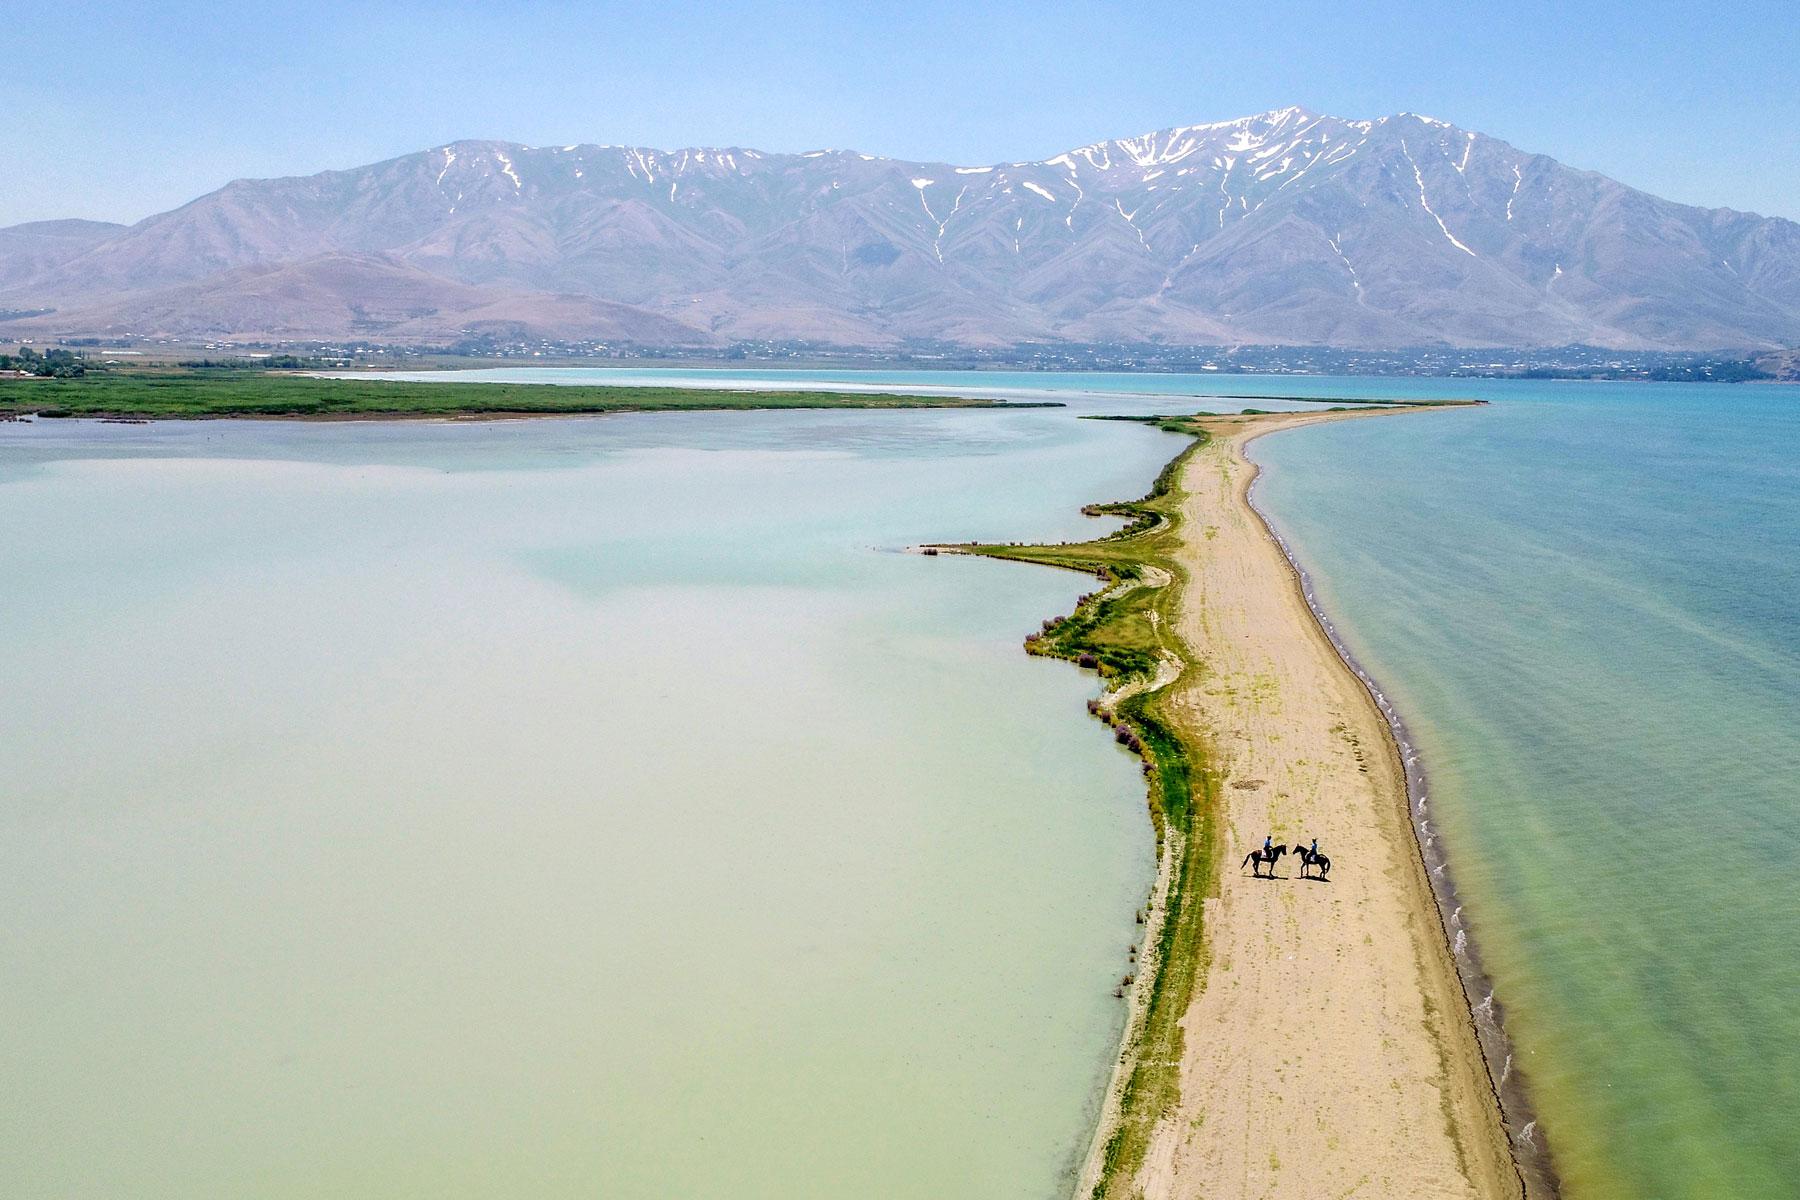 Турецкая жандармерия охраняет побережье озера Ван, куда запрещено въезжать автомобилям